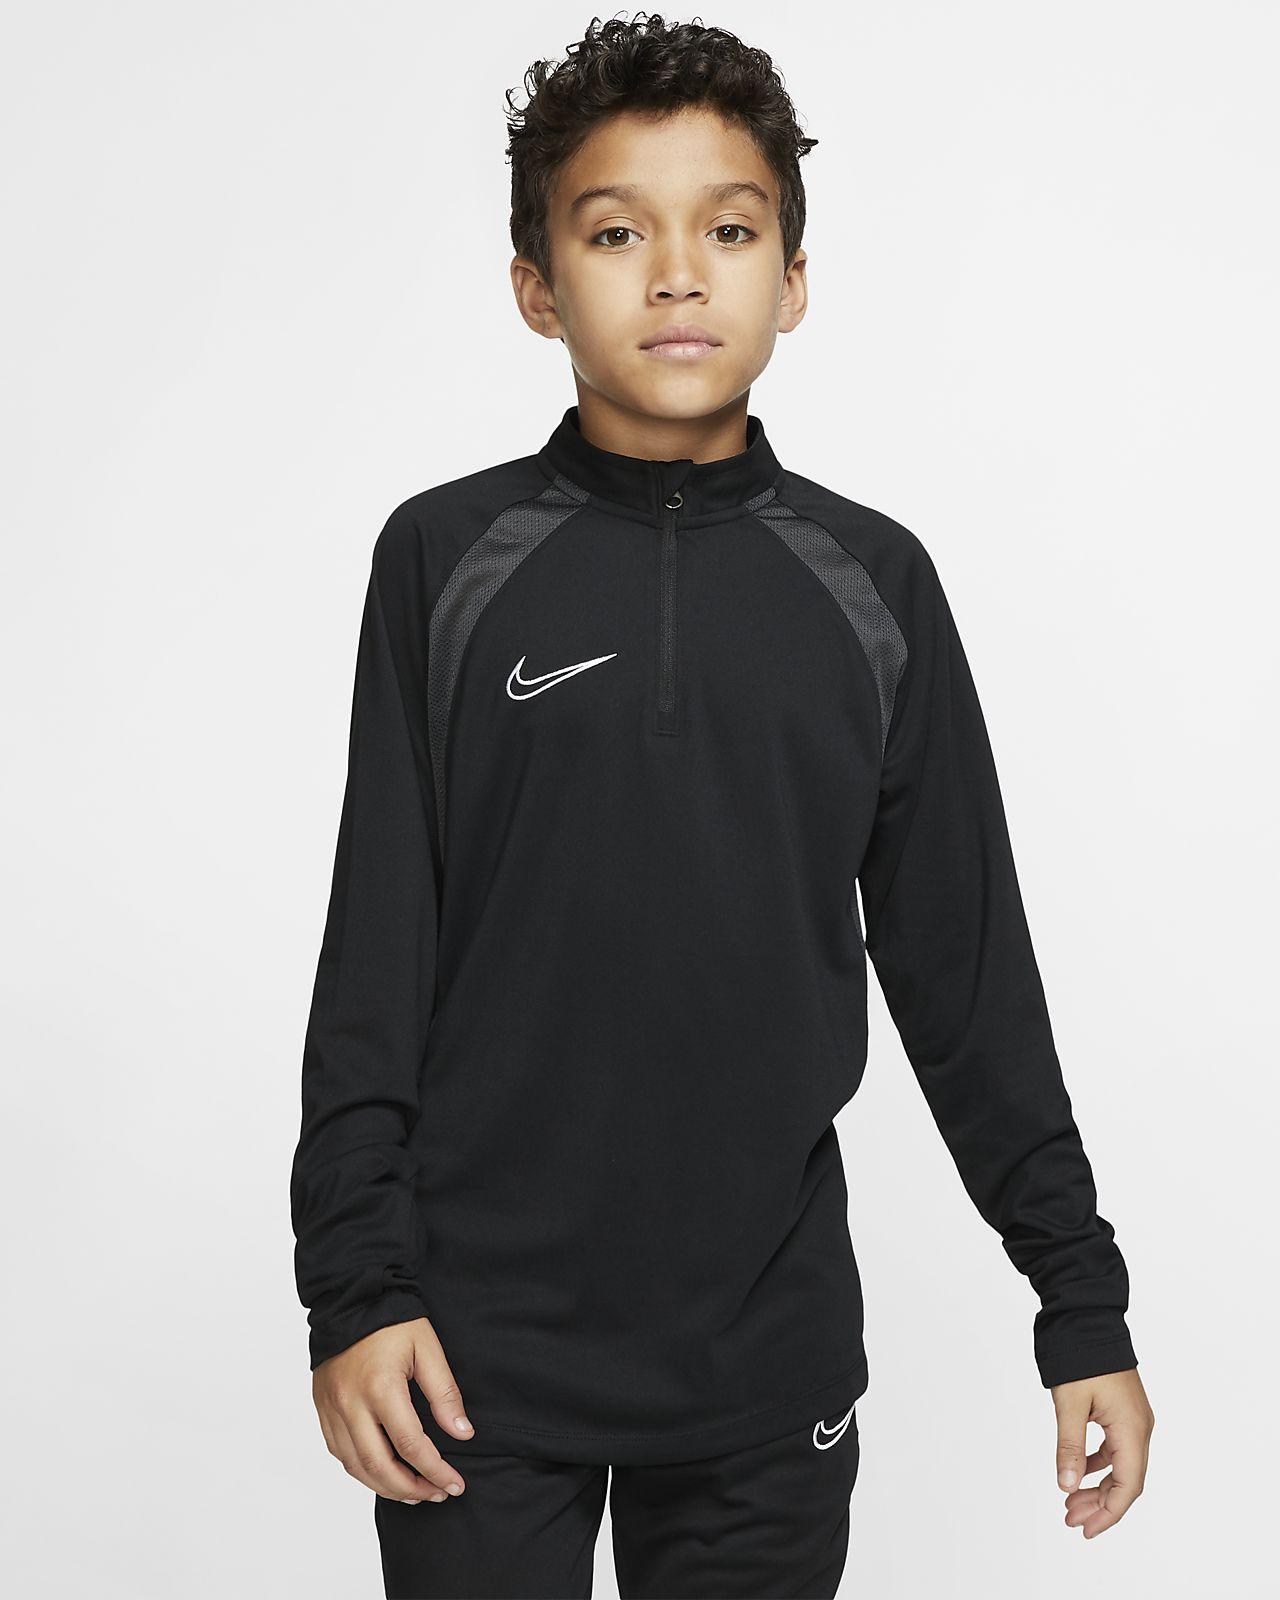 Ποδοσφαιρική μπλούζα προπόνησης Nike Dri-FIT Academy για μεγάλα παιδιά